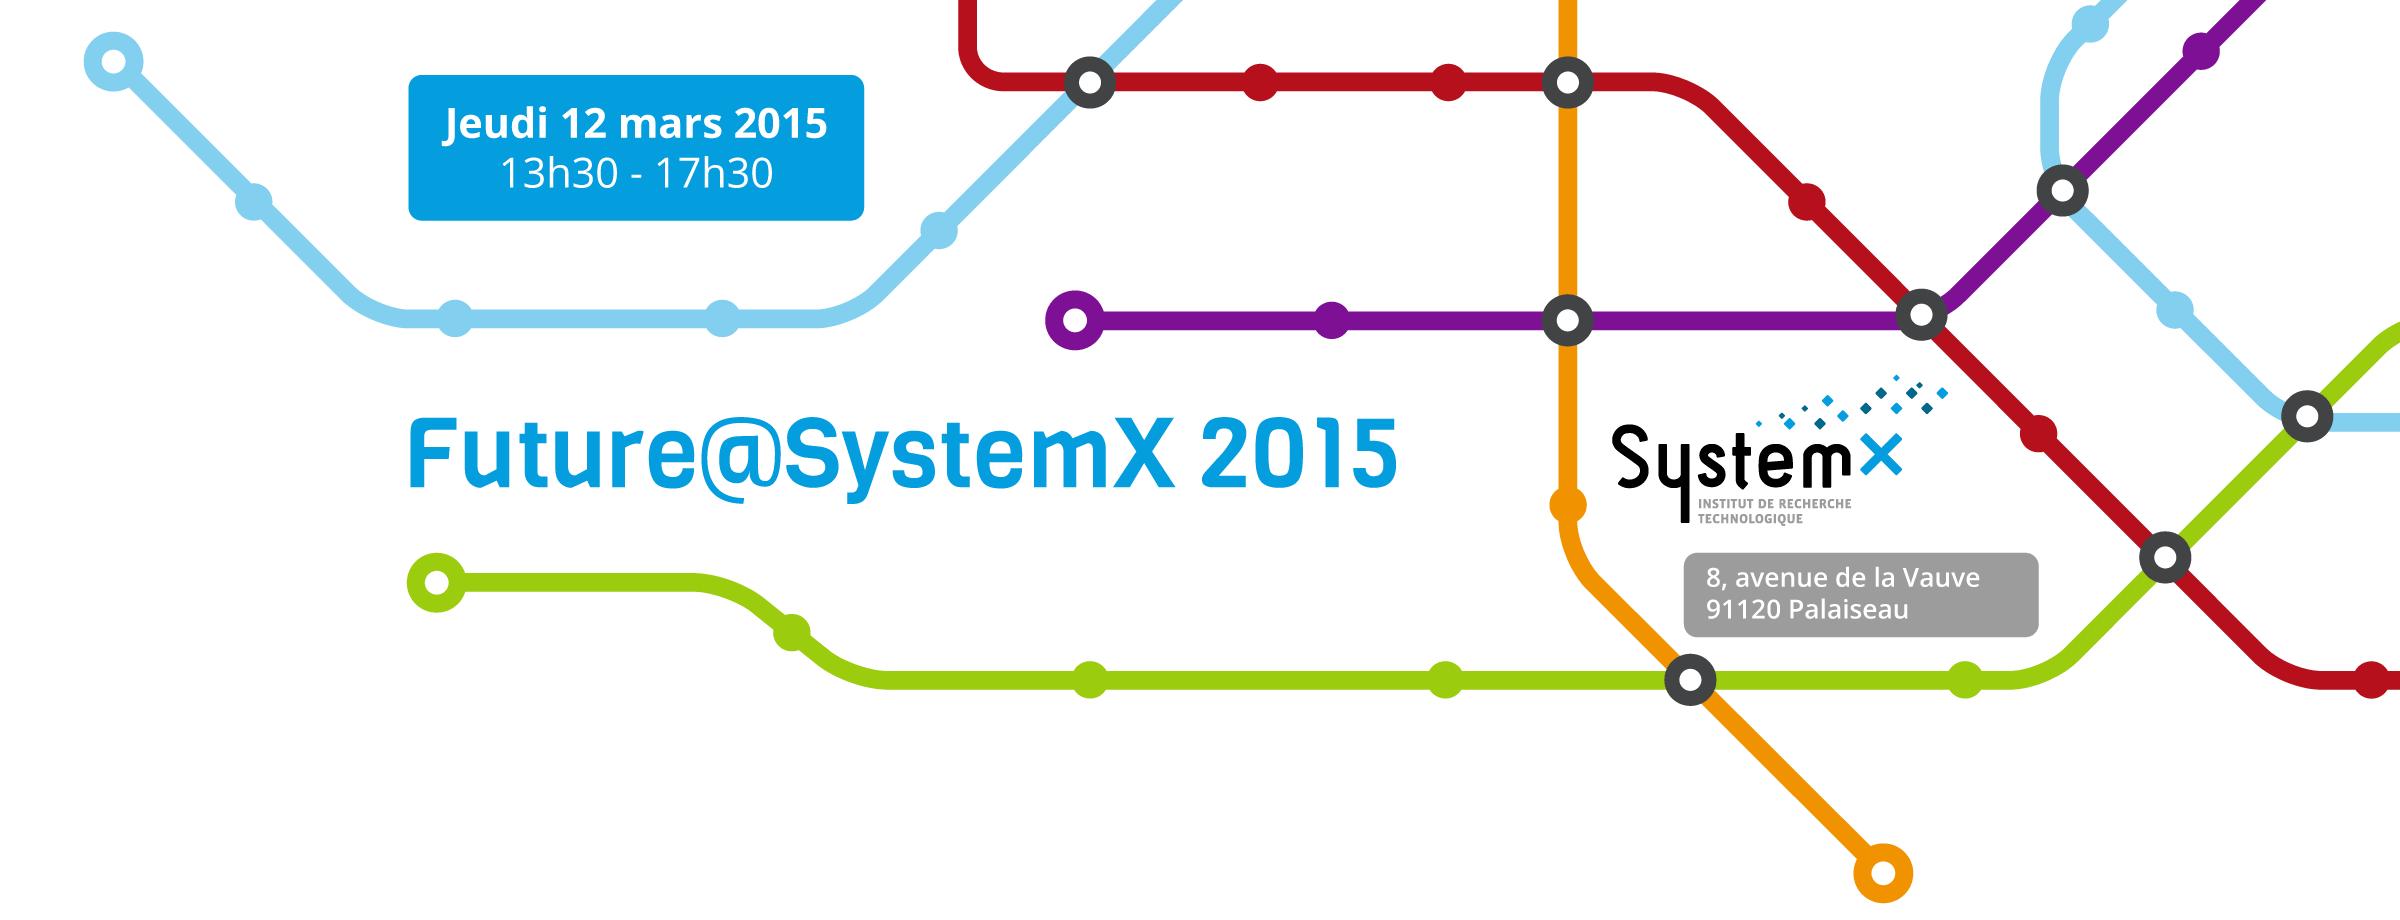 Future@SystemX 2015 : les inscriptions sont ouvertes